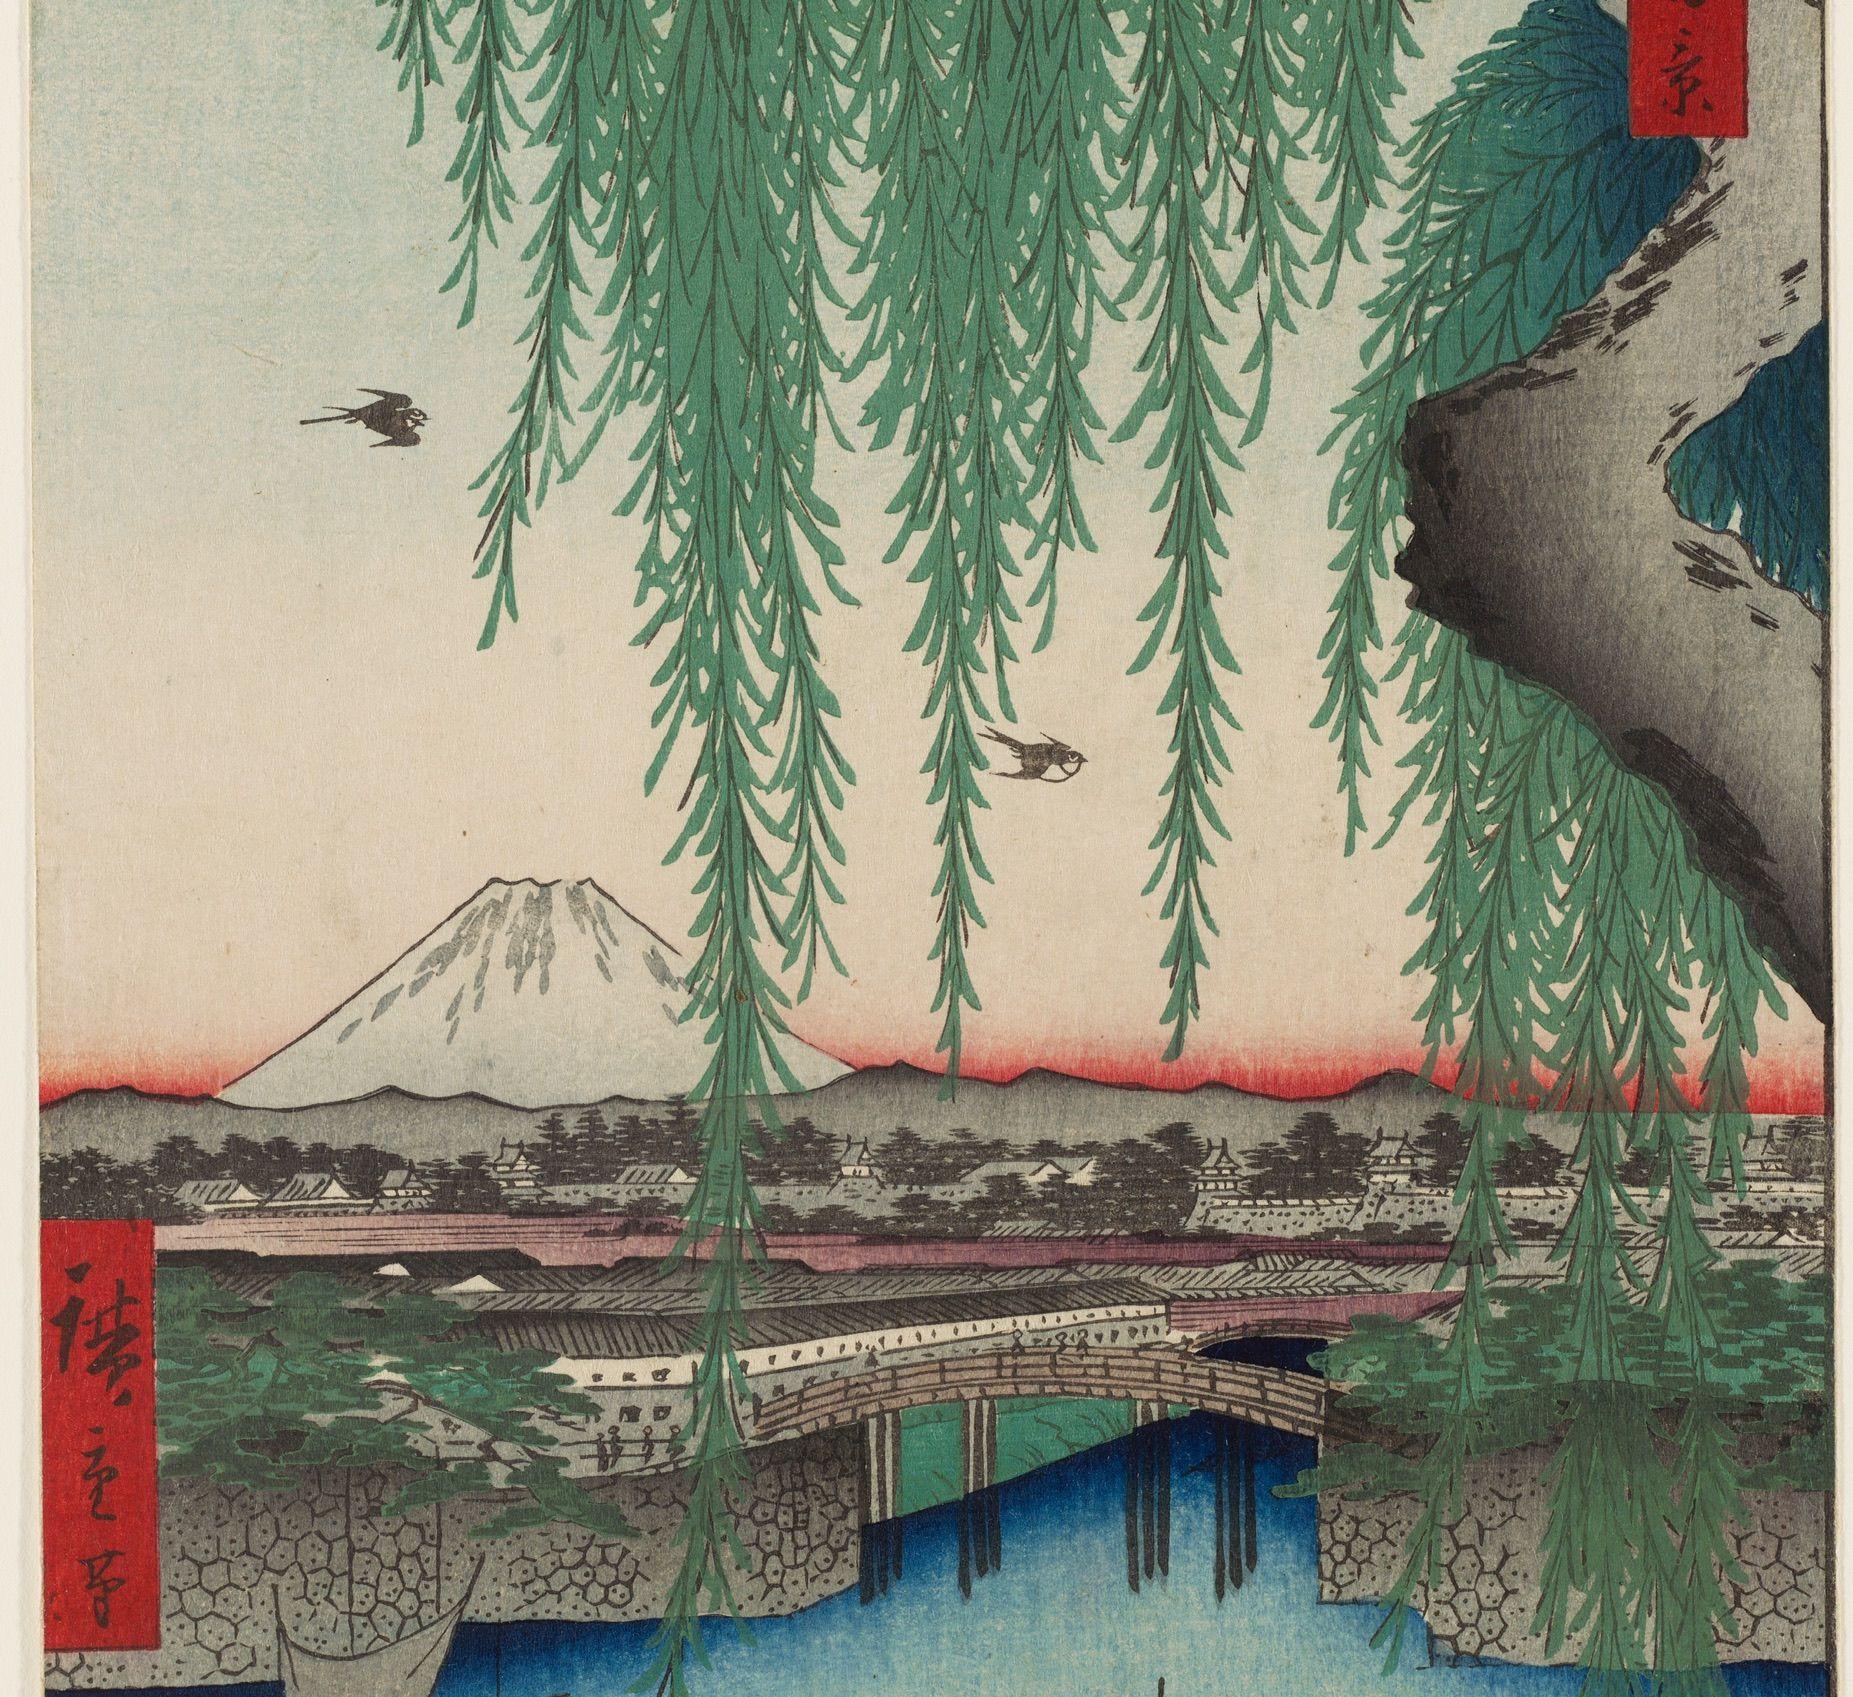 Visioni dal Giappone Utagawa Hiroshige Il ponte di Yatsumi Serie: Cento vedute di luoghi celebri di Edo 1856, ottavo mese 332 x 220 mm silografia policroma Museum of Fine Arts, Boston - William Sturgis Bigelow Collection